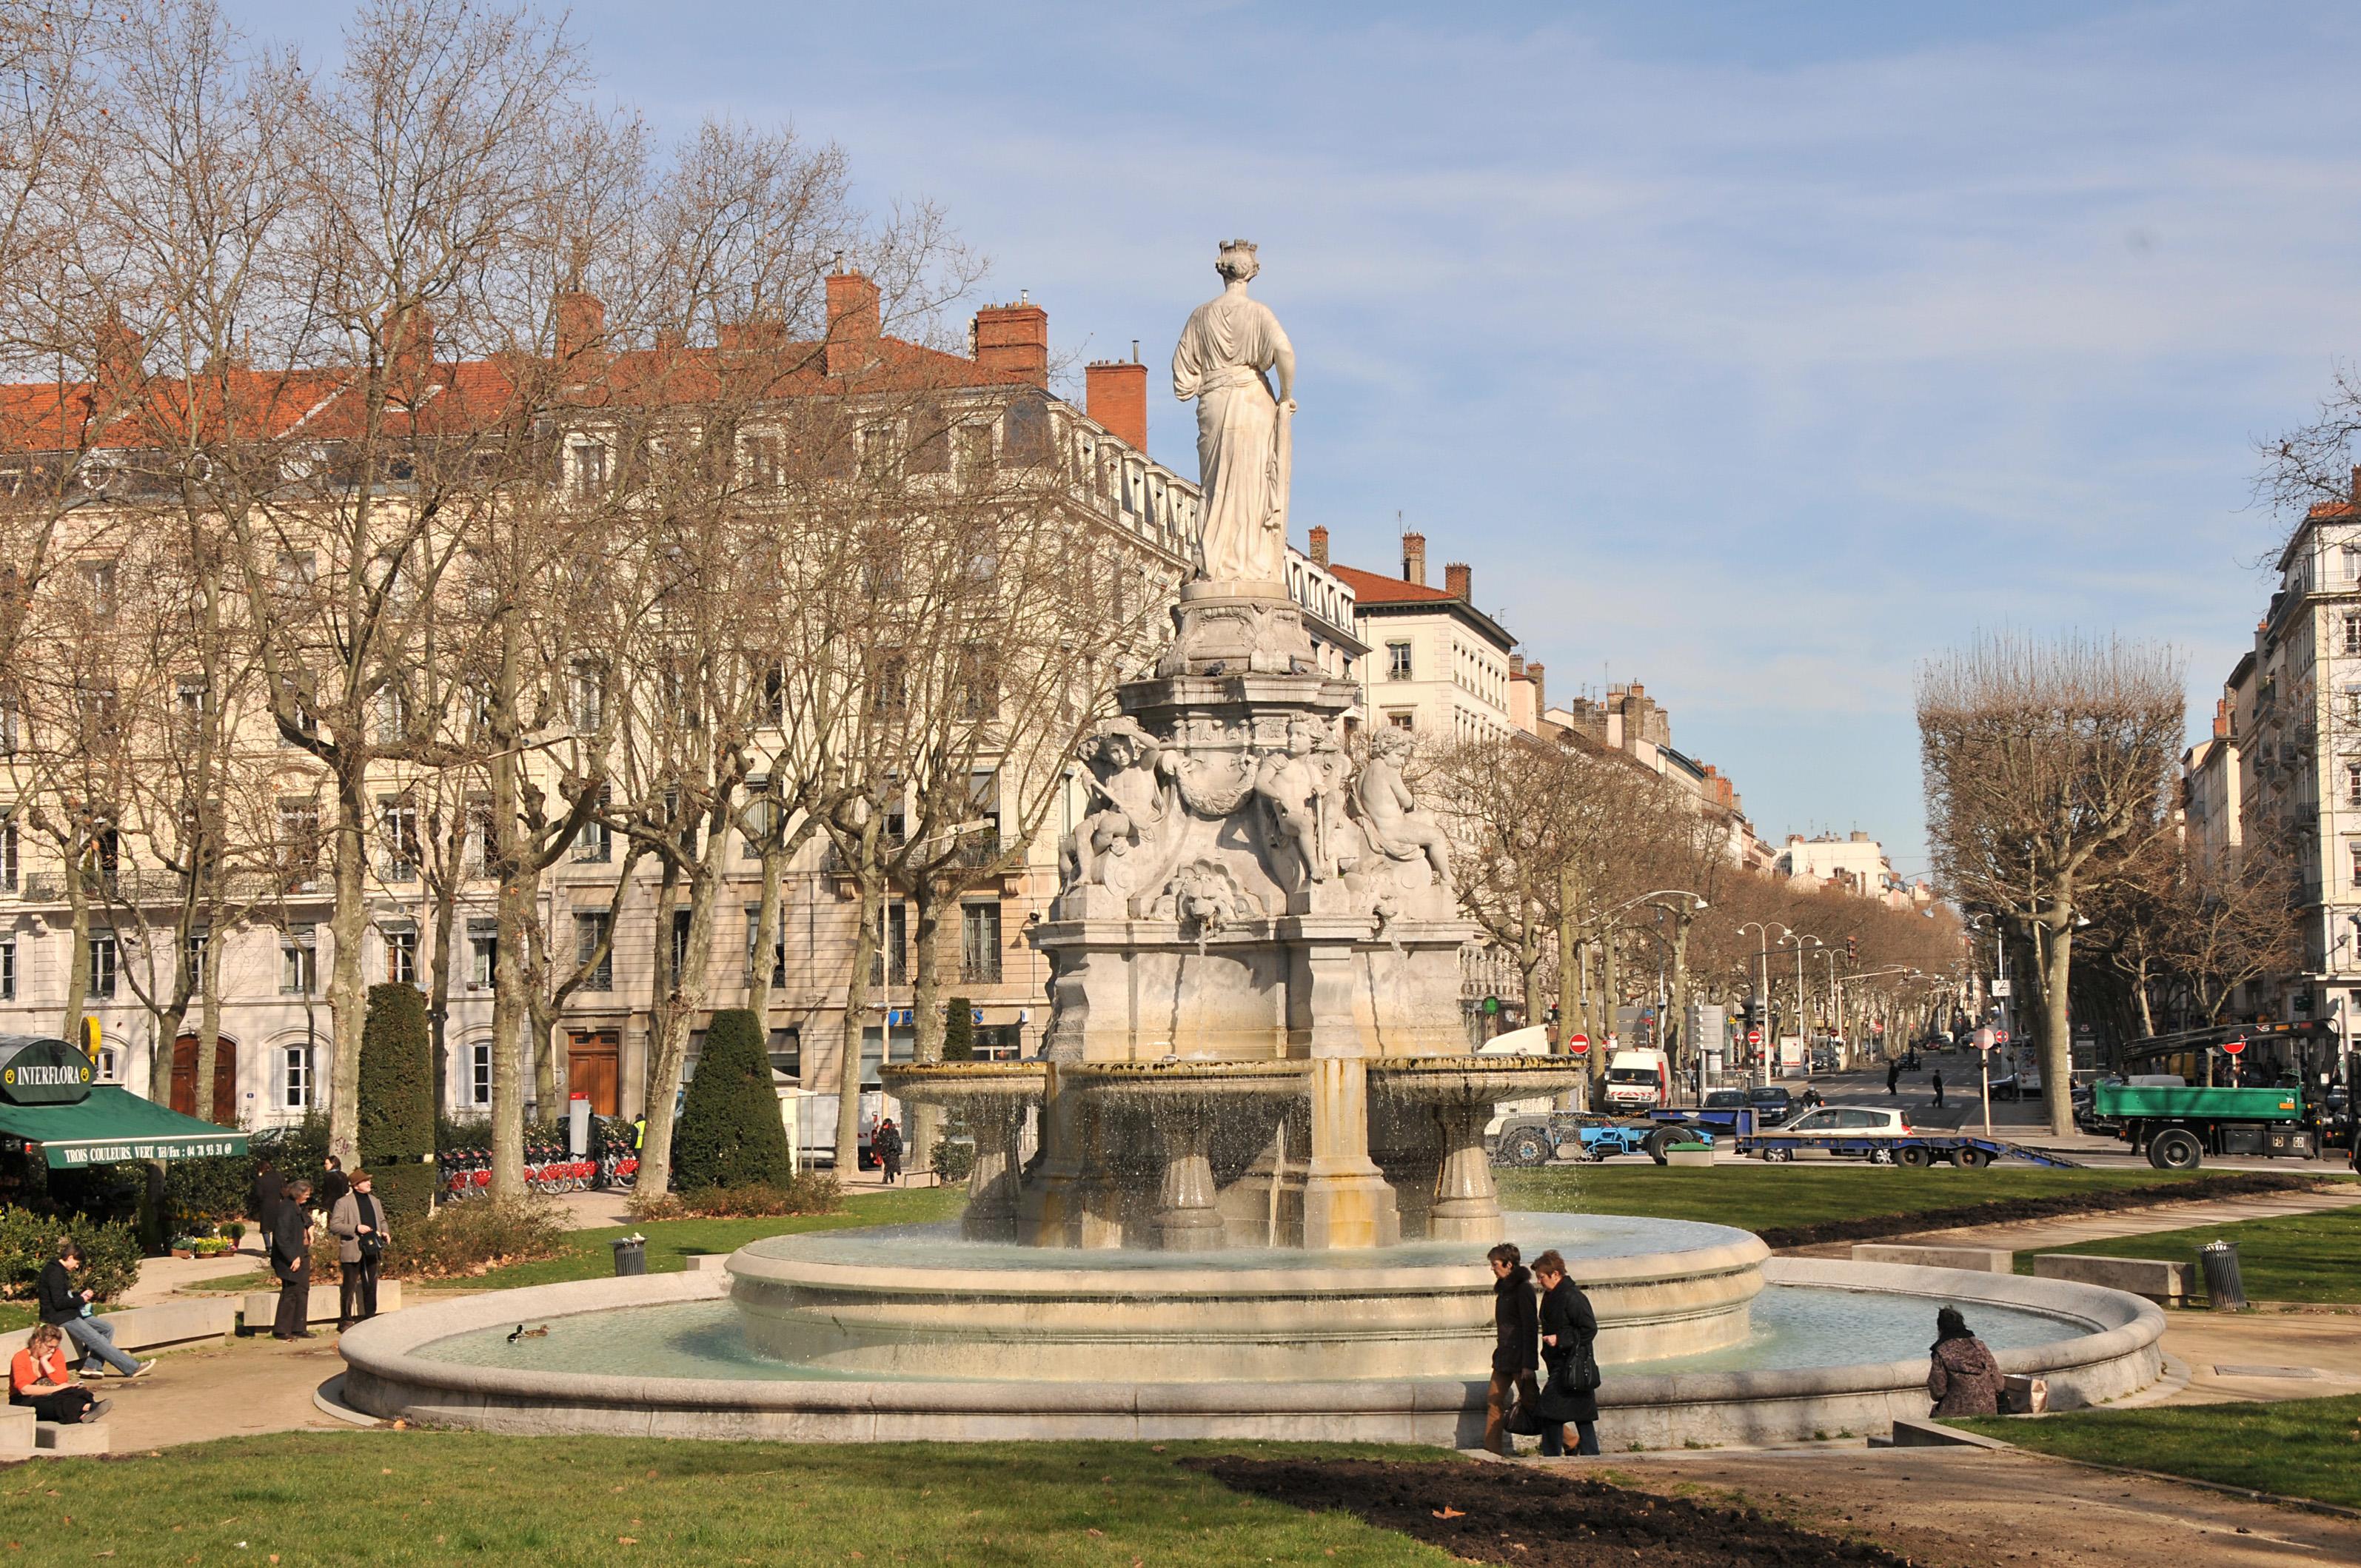 Parcours les places de la ville ordinaire rive gauche for Agence paysage lyon